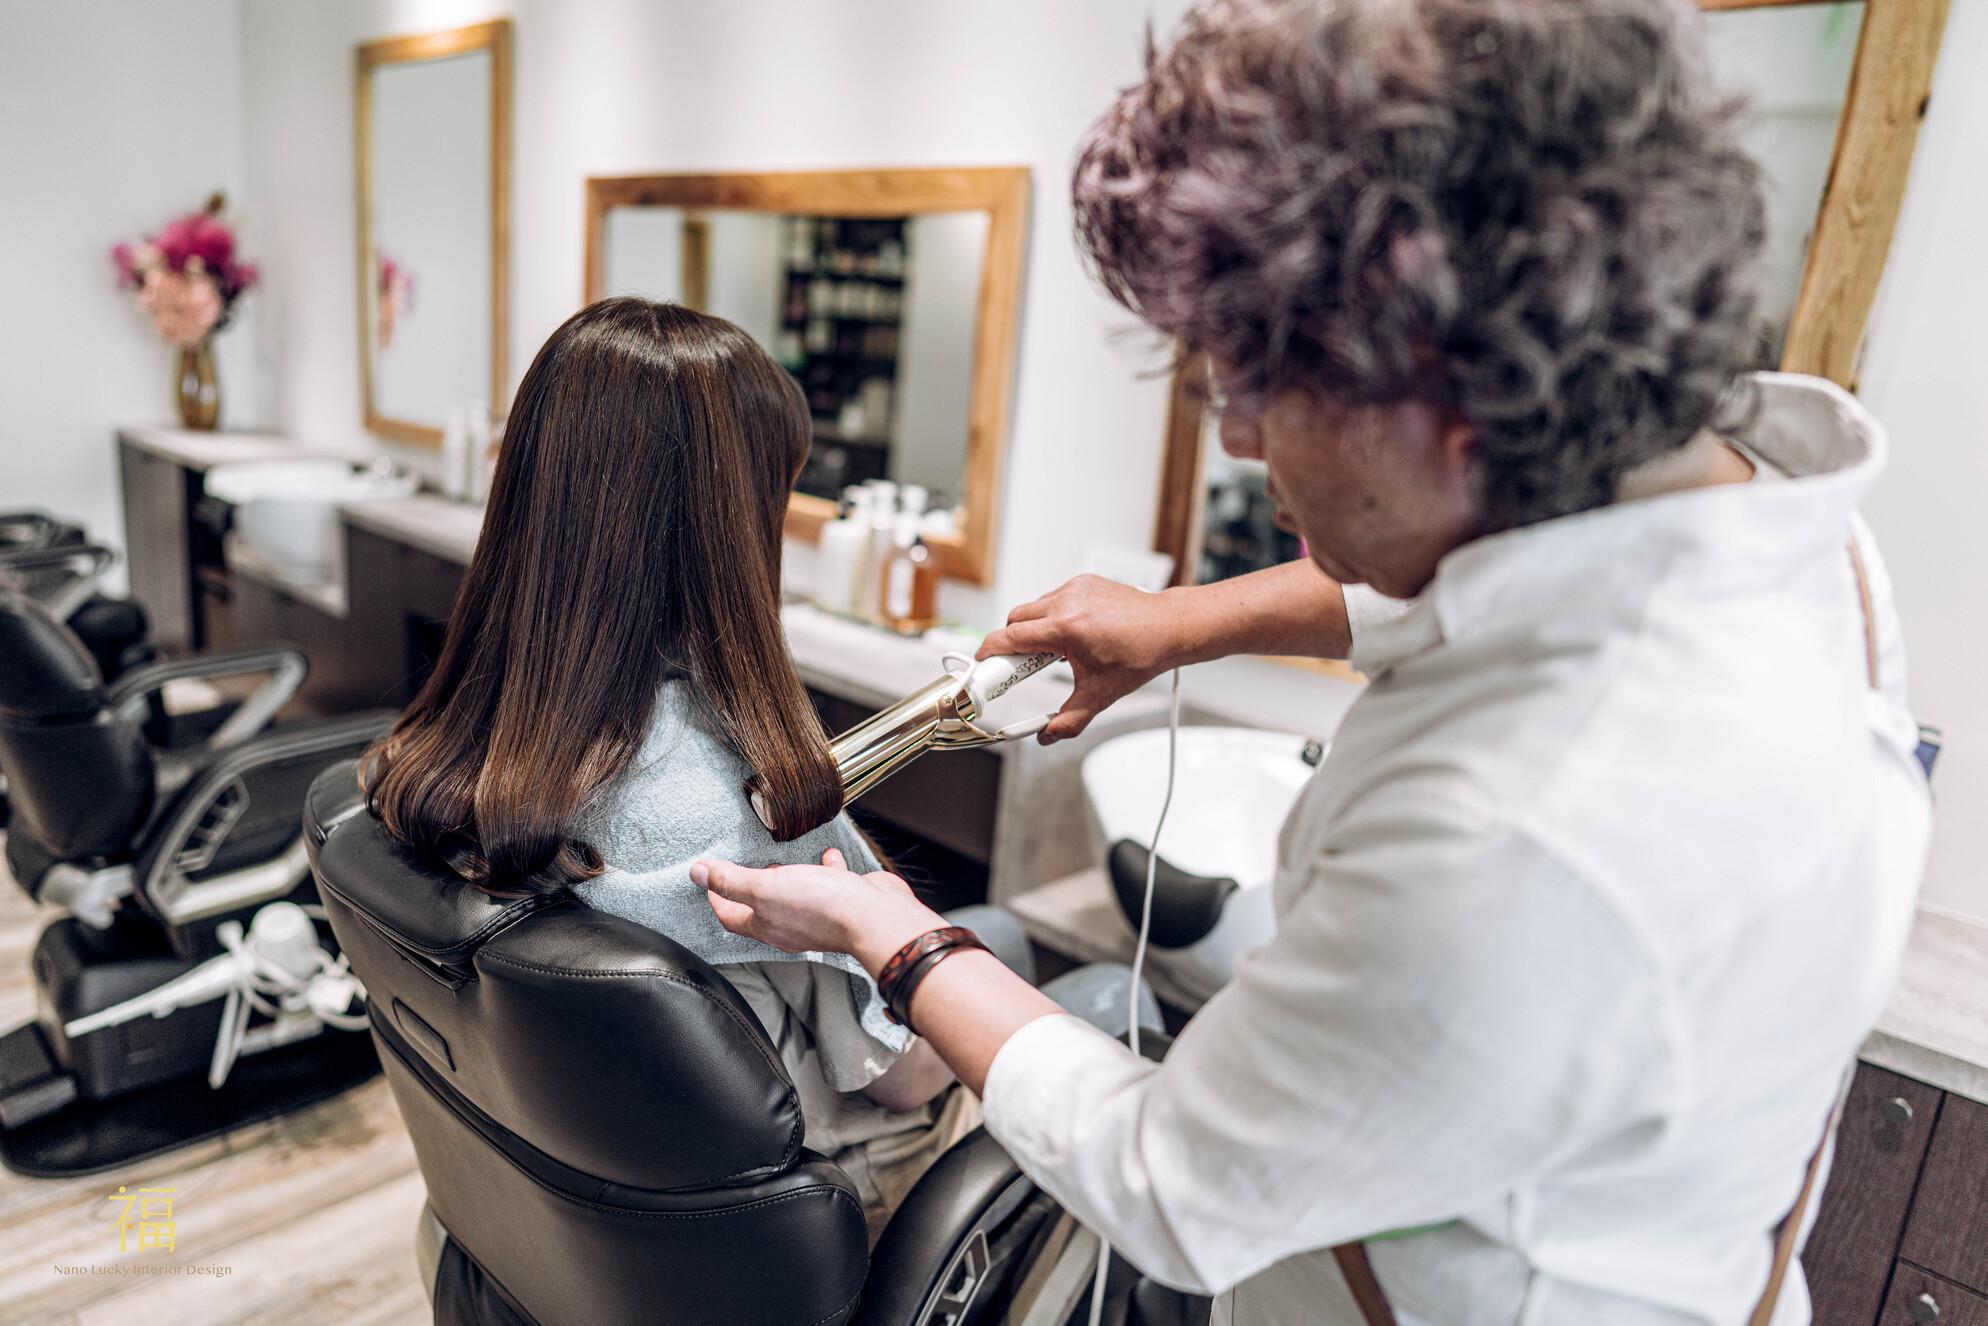 14嘉義太保日系髮廊lislushairsalonstory-太保美髮沙龍|小福砌商業美髮沙龍空間設計